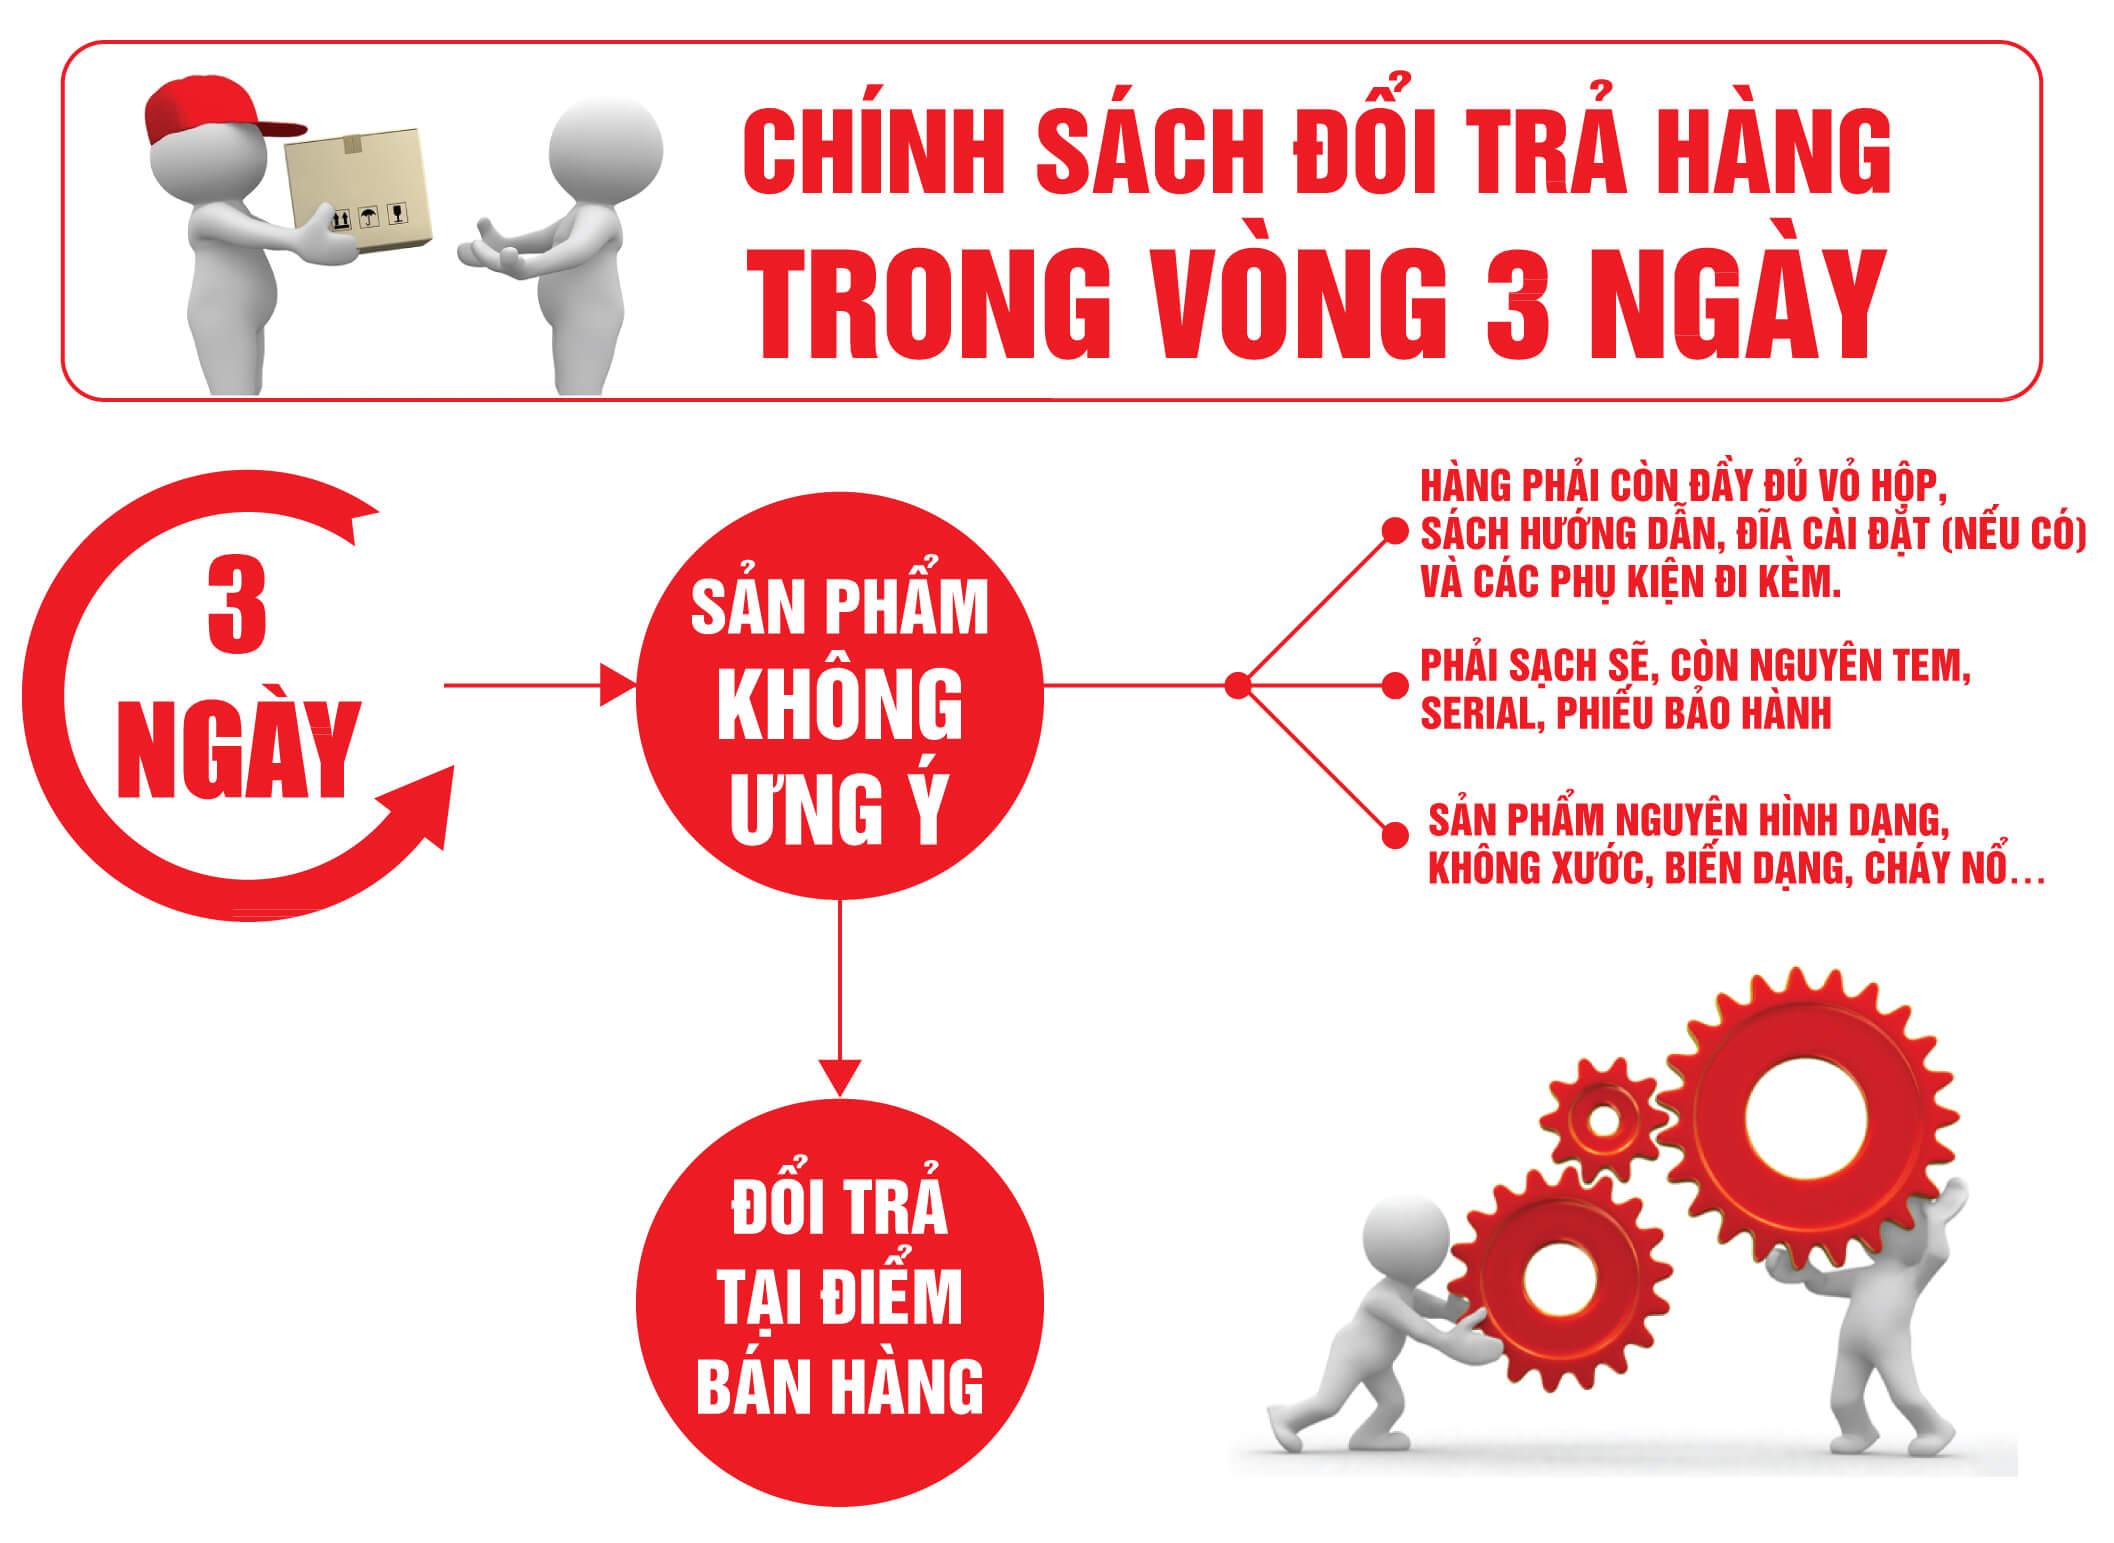 Chính sách đổi trả hàng trong vòng 3 ngày của Hanoicomputer